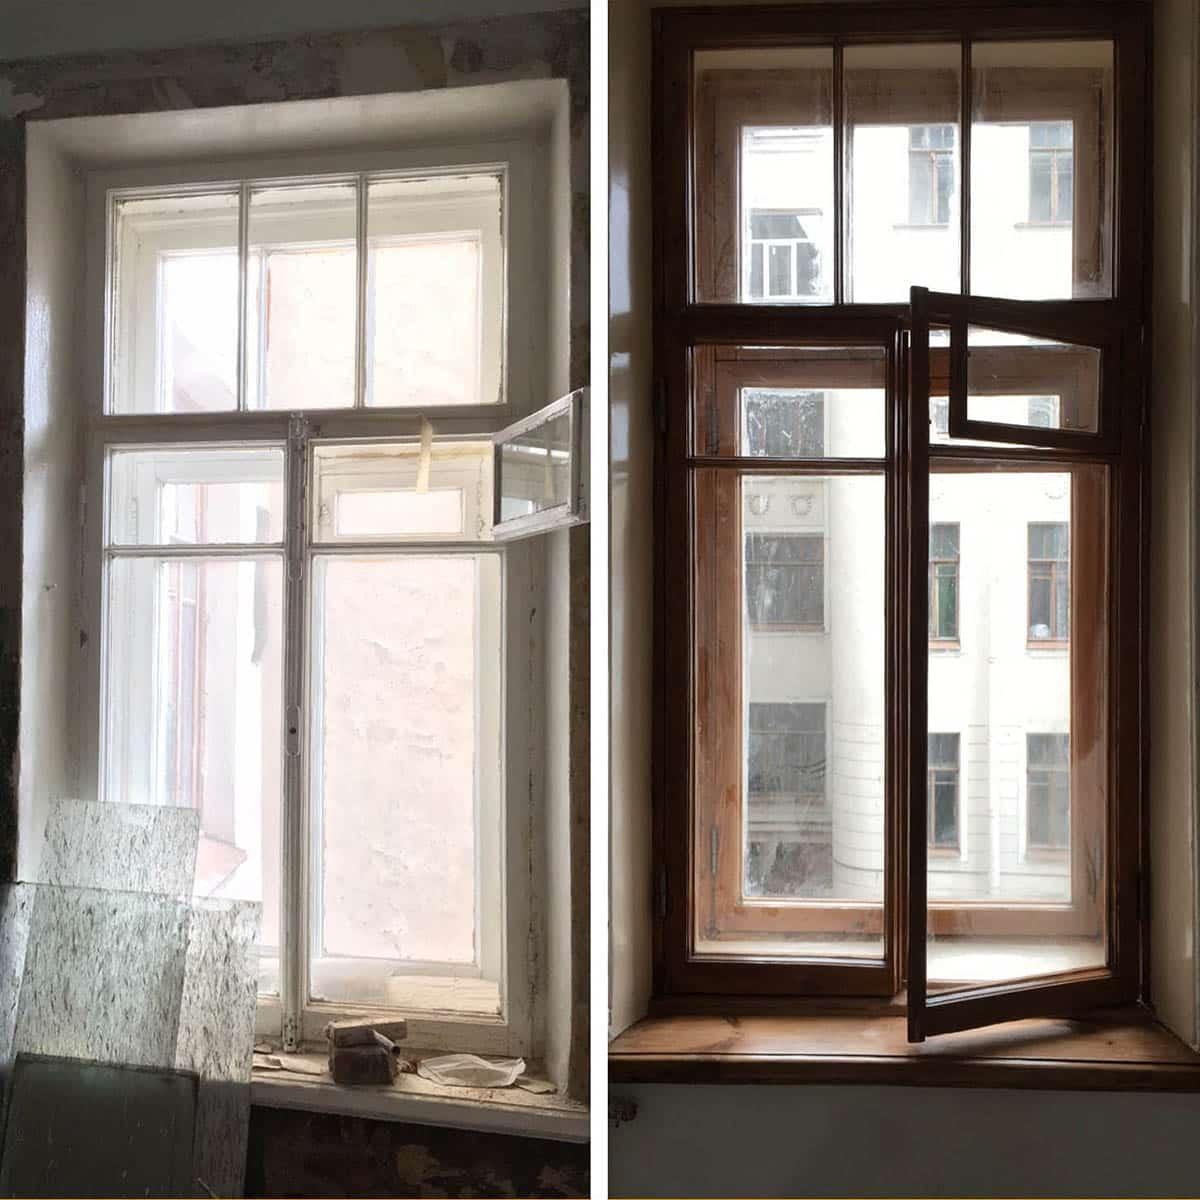 ремонт и реставрация  окна (старый фонд)